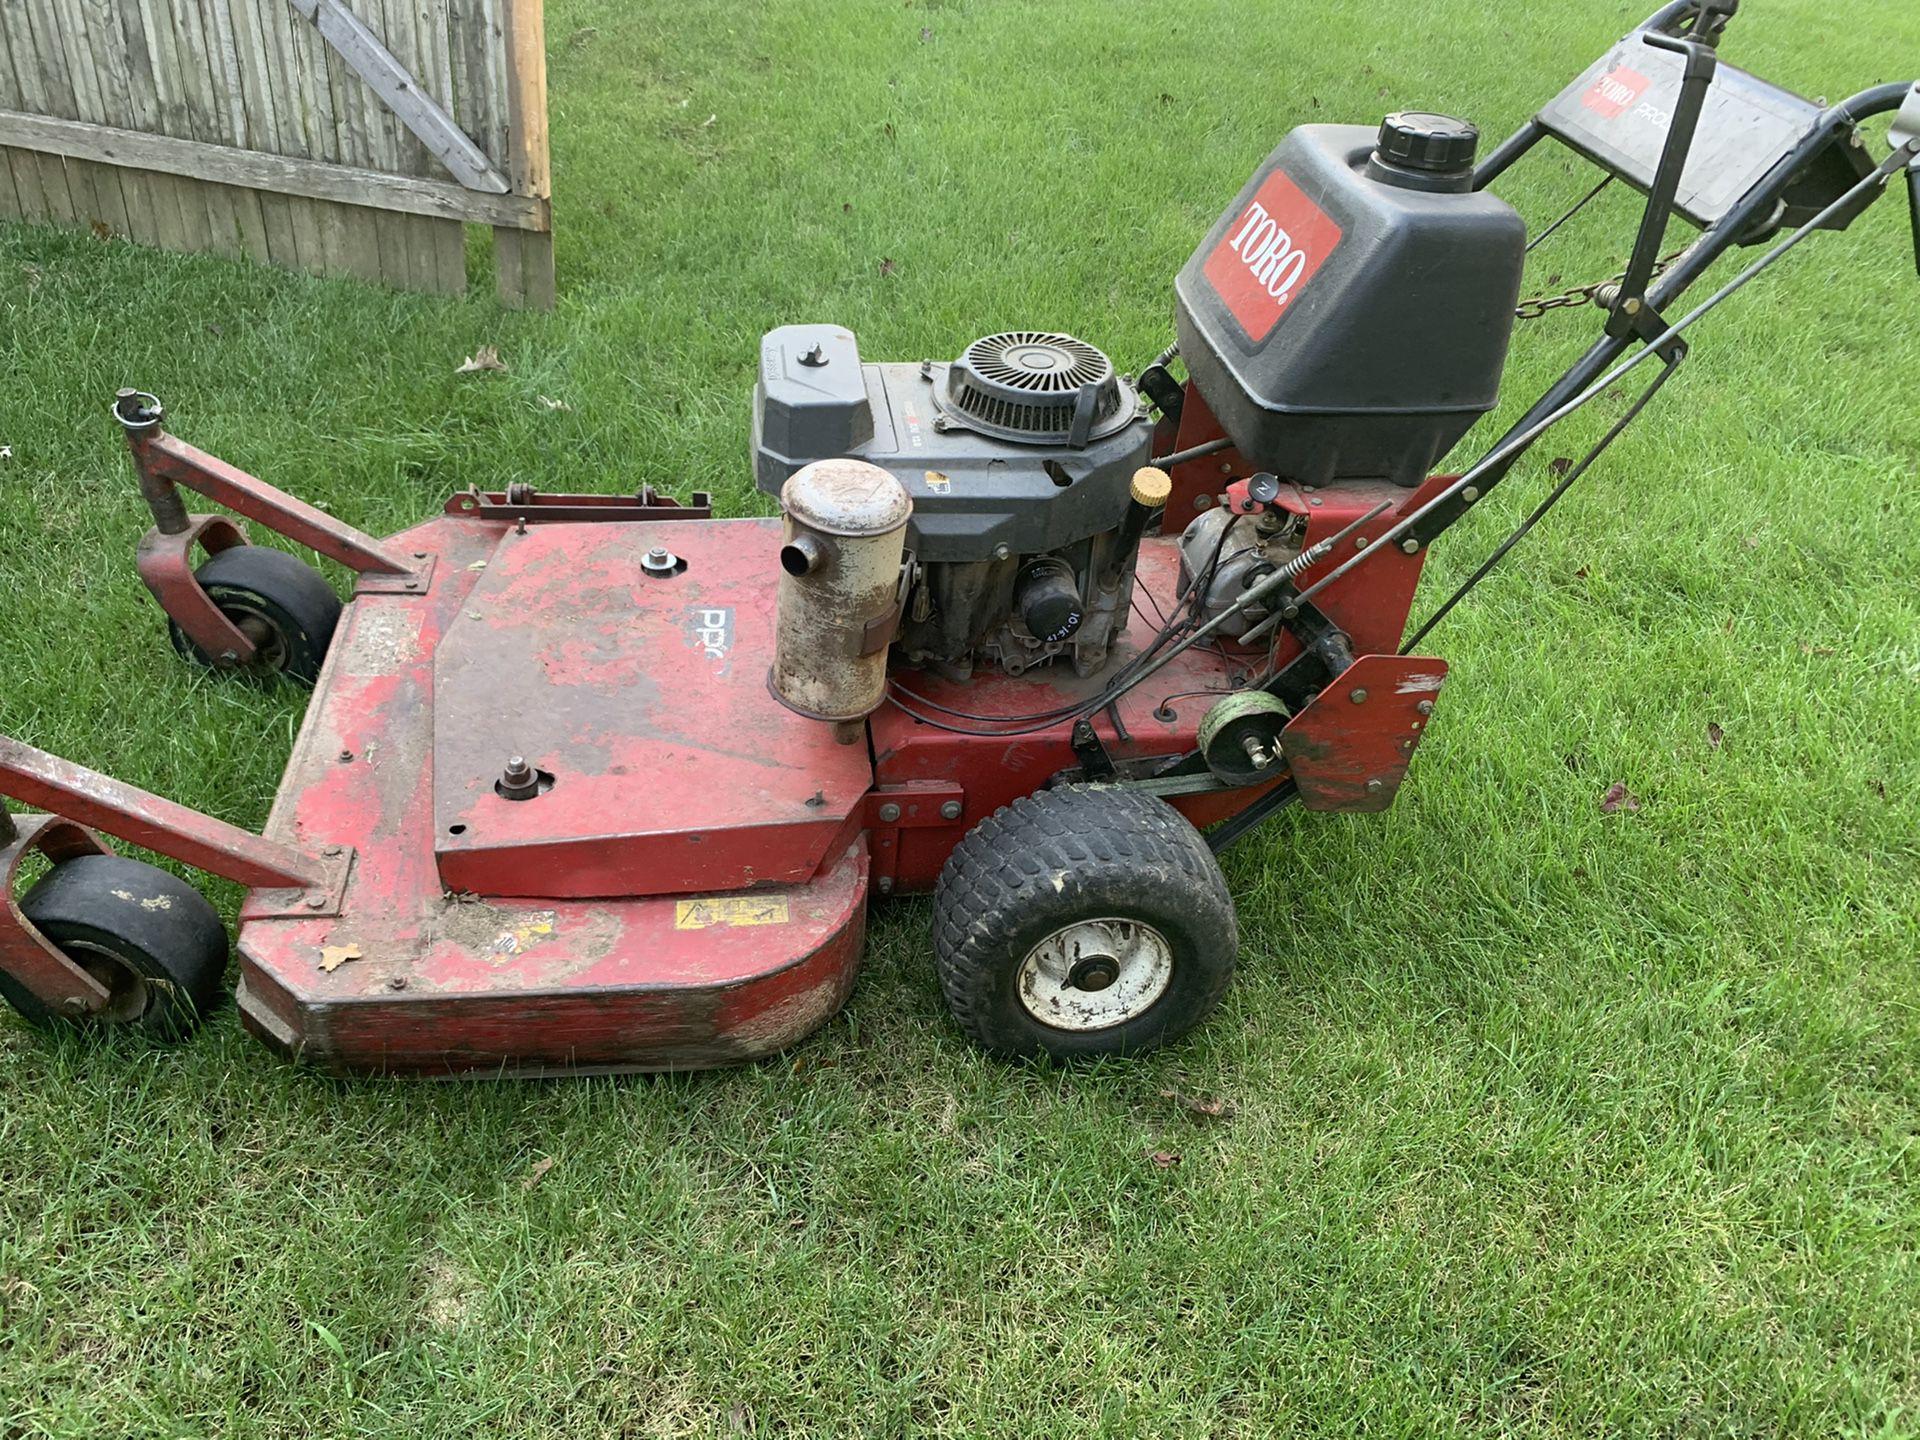 Toro mower